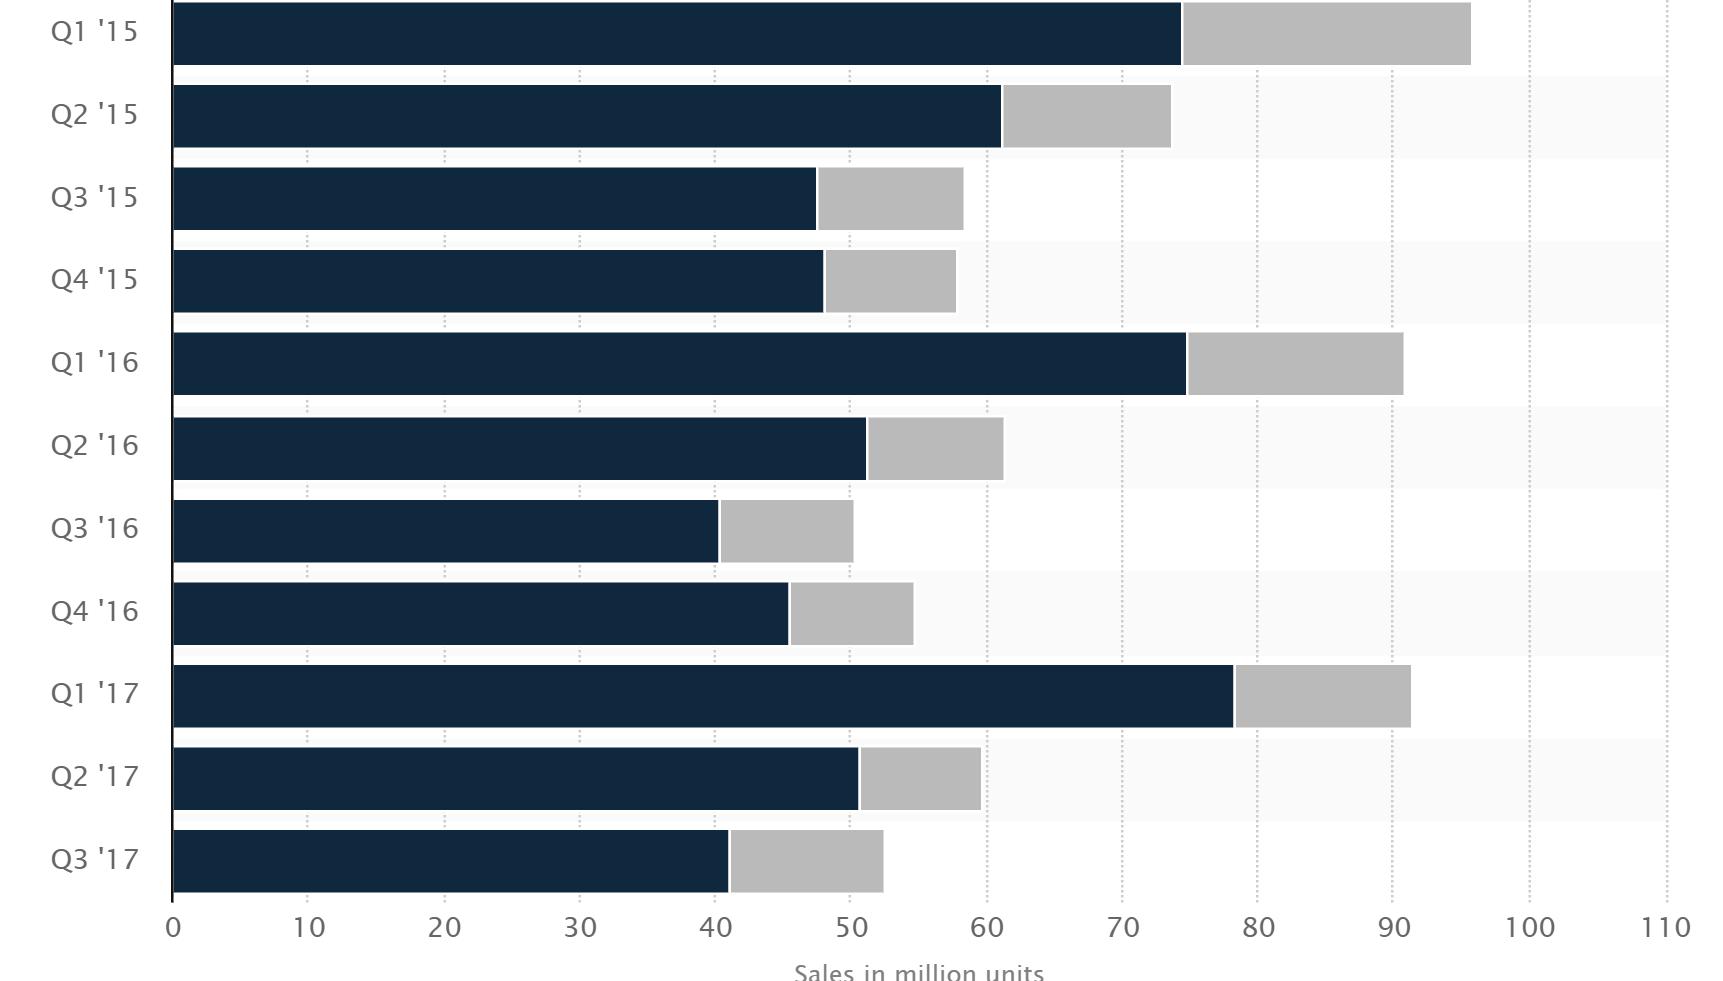 Chart 1-2